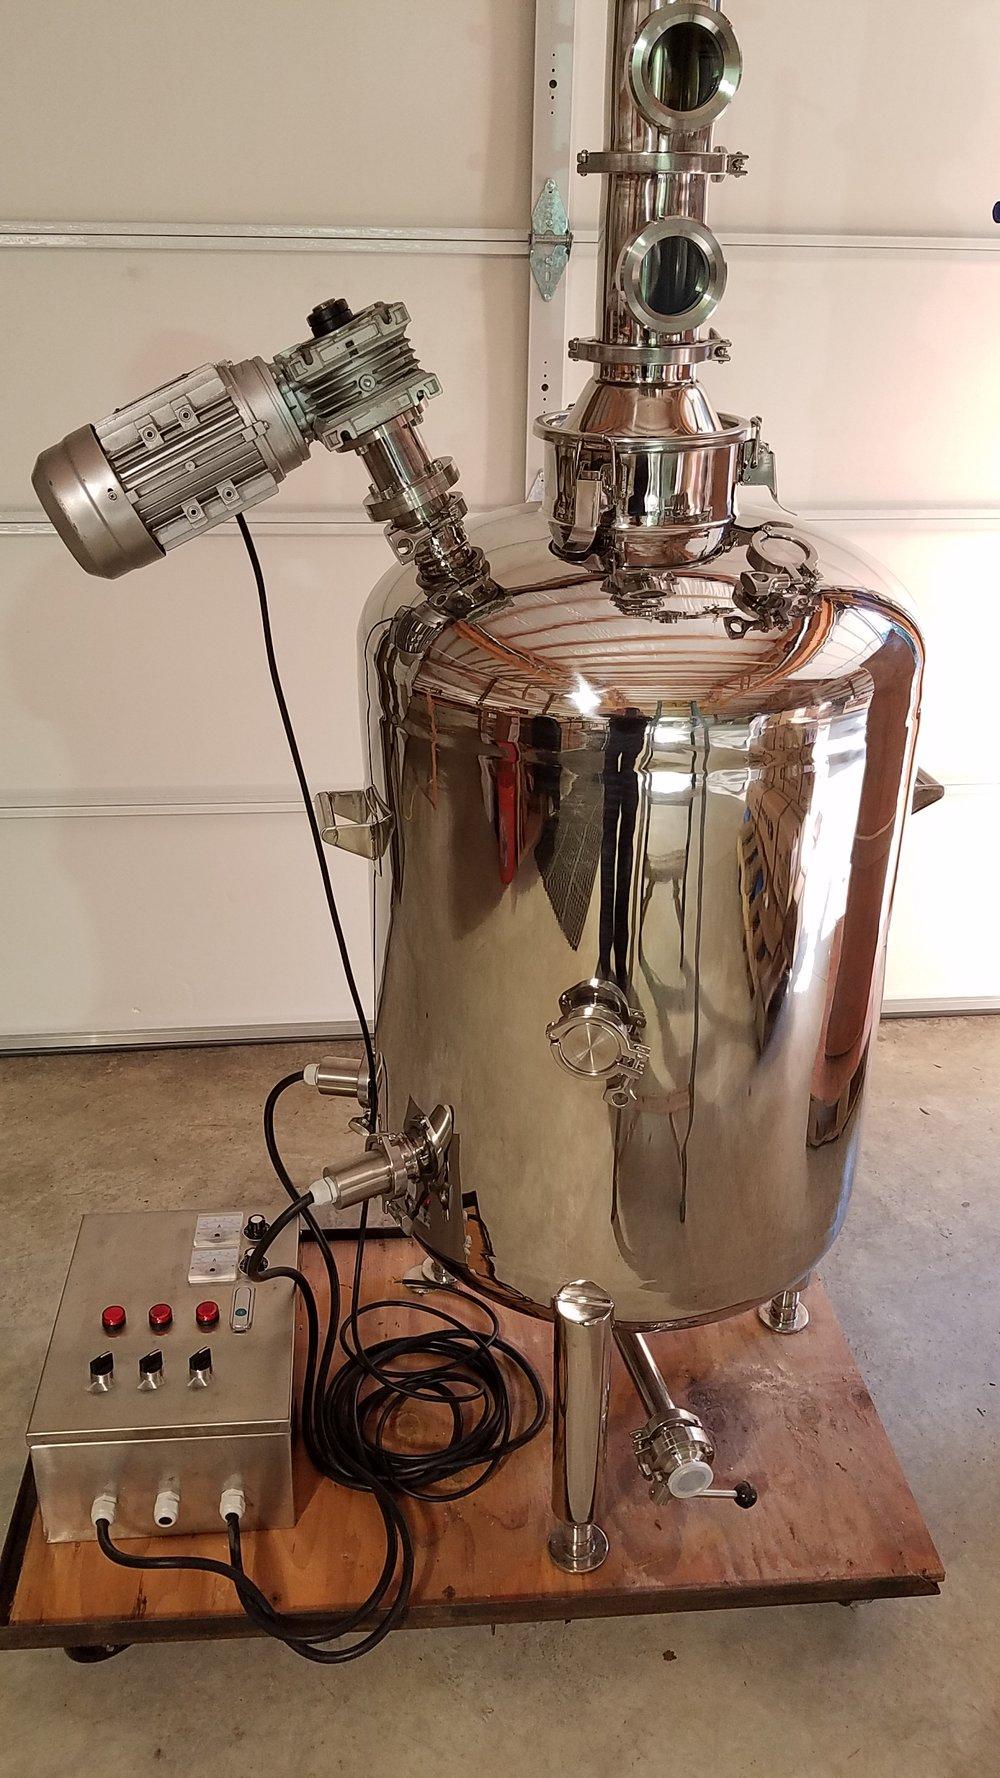 53 Gallon 200 L Boiler With Agitator 220v Electric